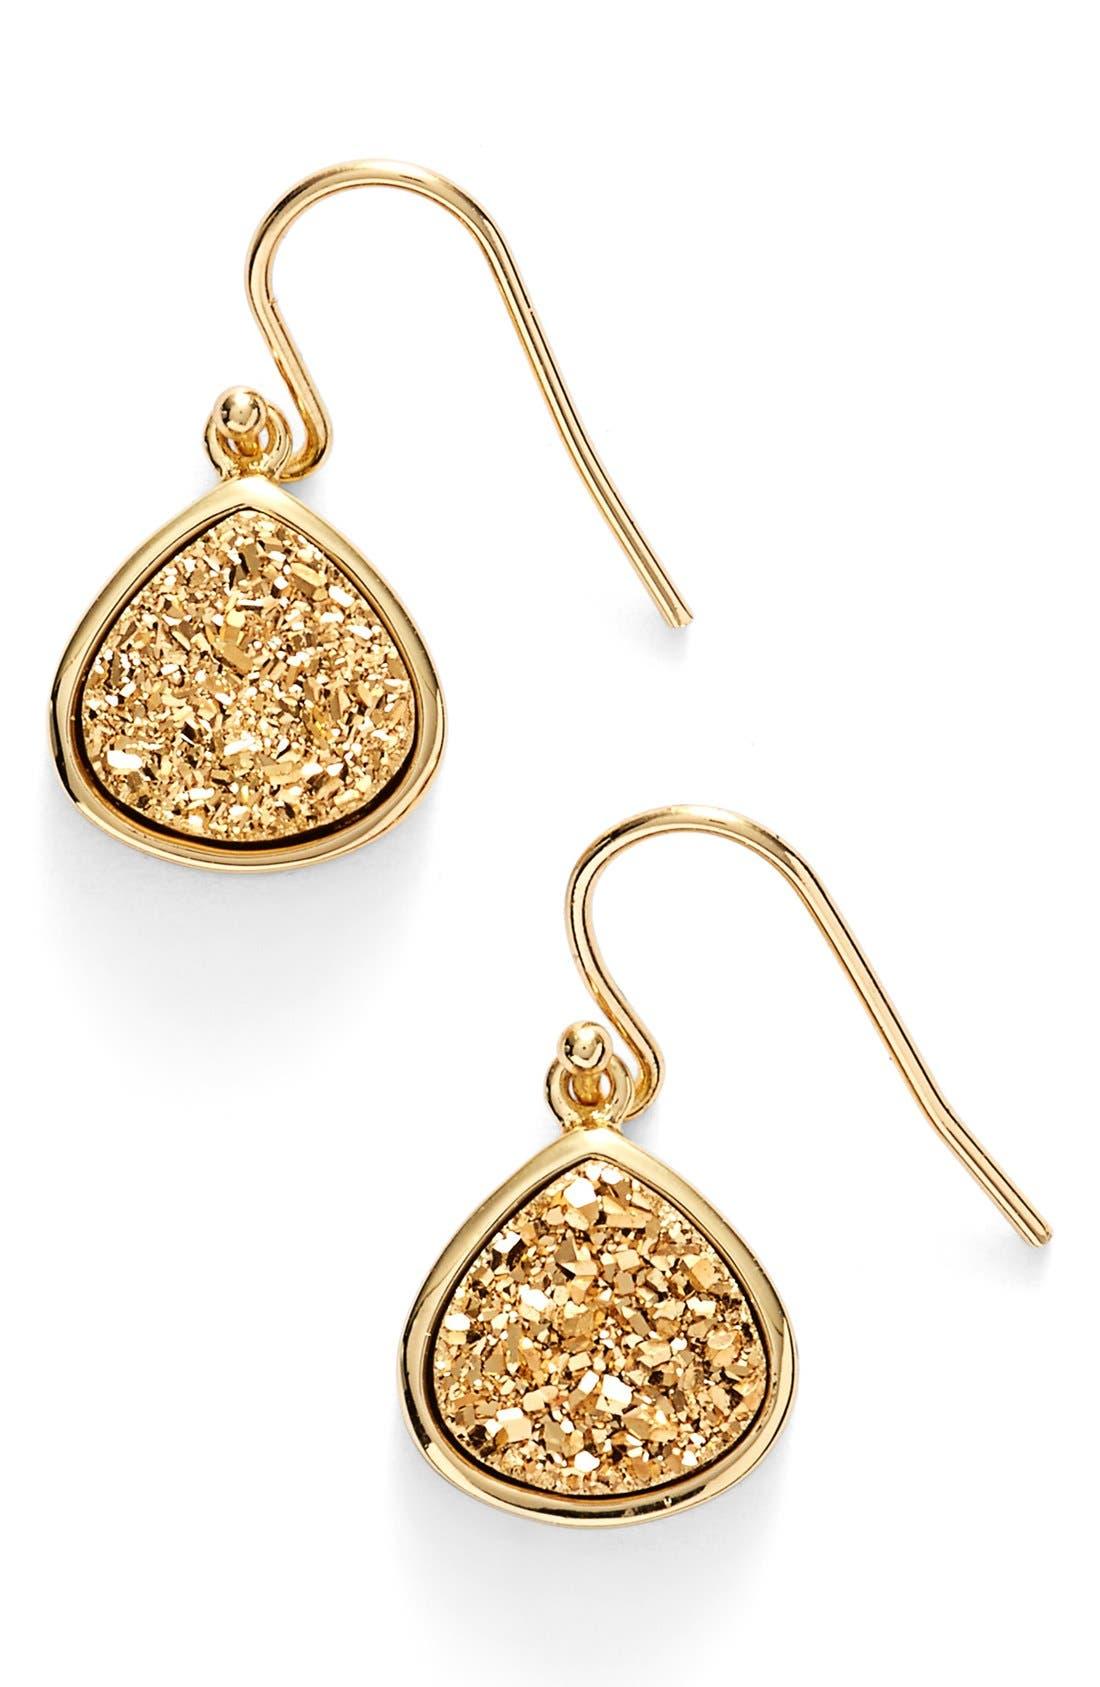 Alternate Image 1 Selected - Sonya Renee Drusy Teardrop Earrings